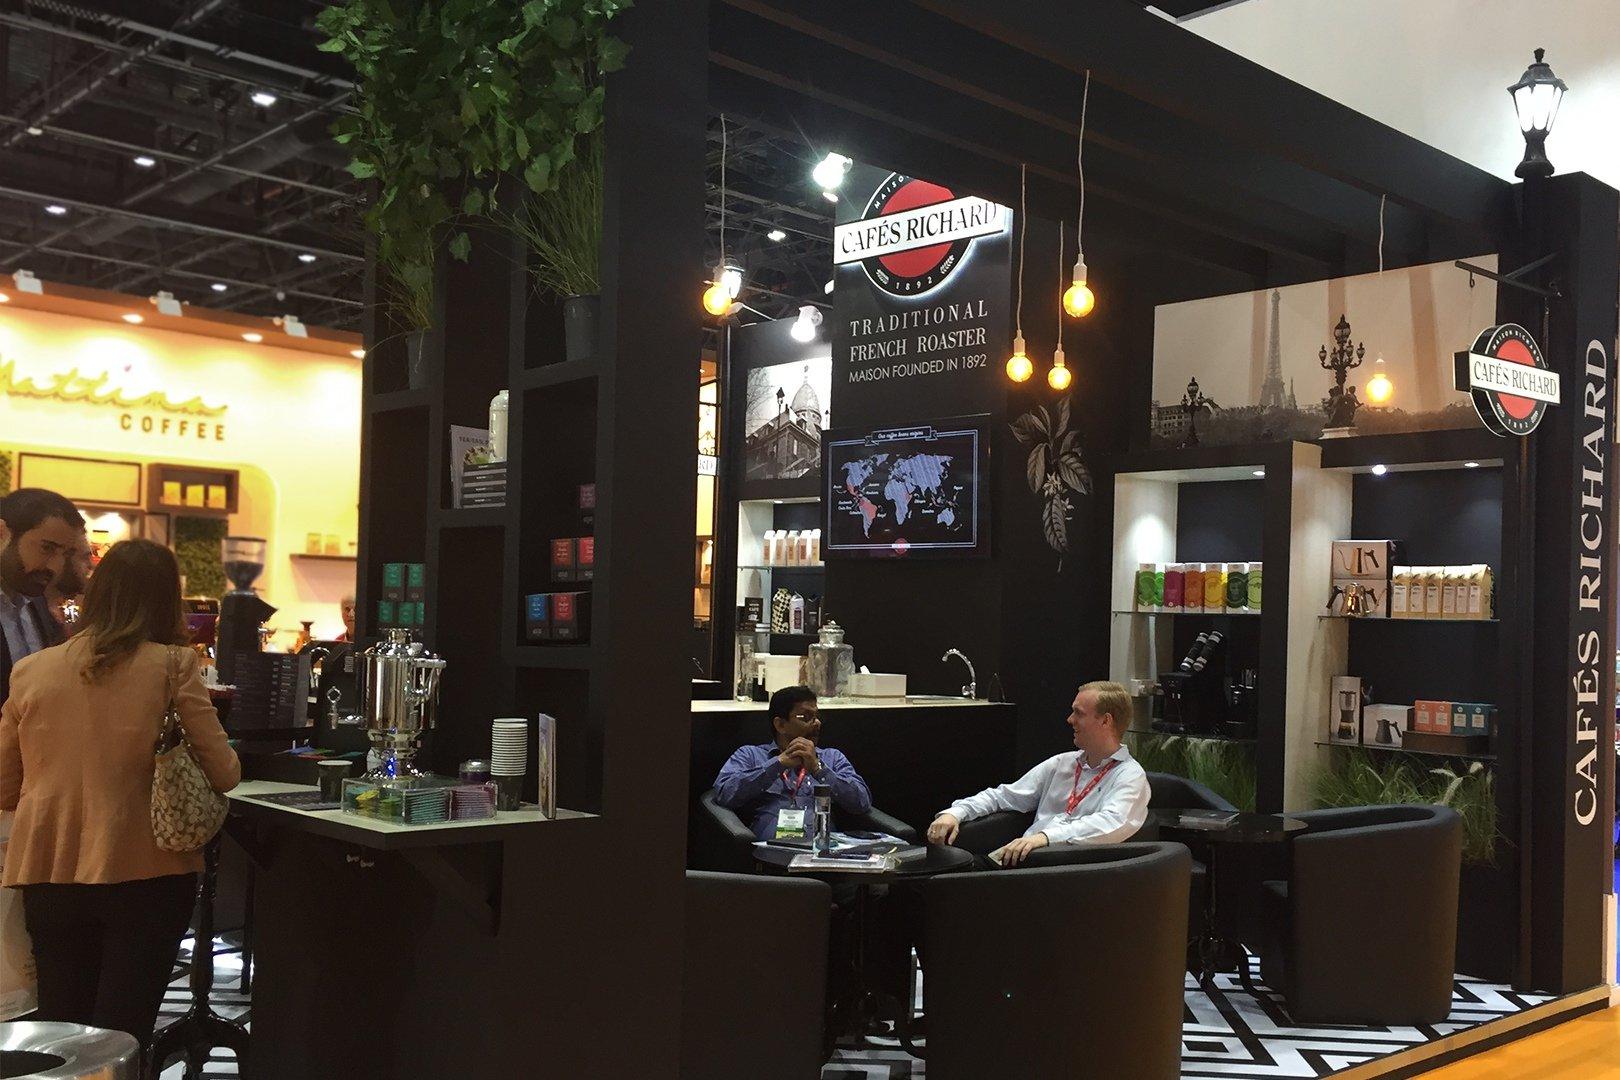 стенд компании Cafes Richard на выставке в ОАЭ